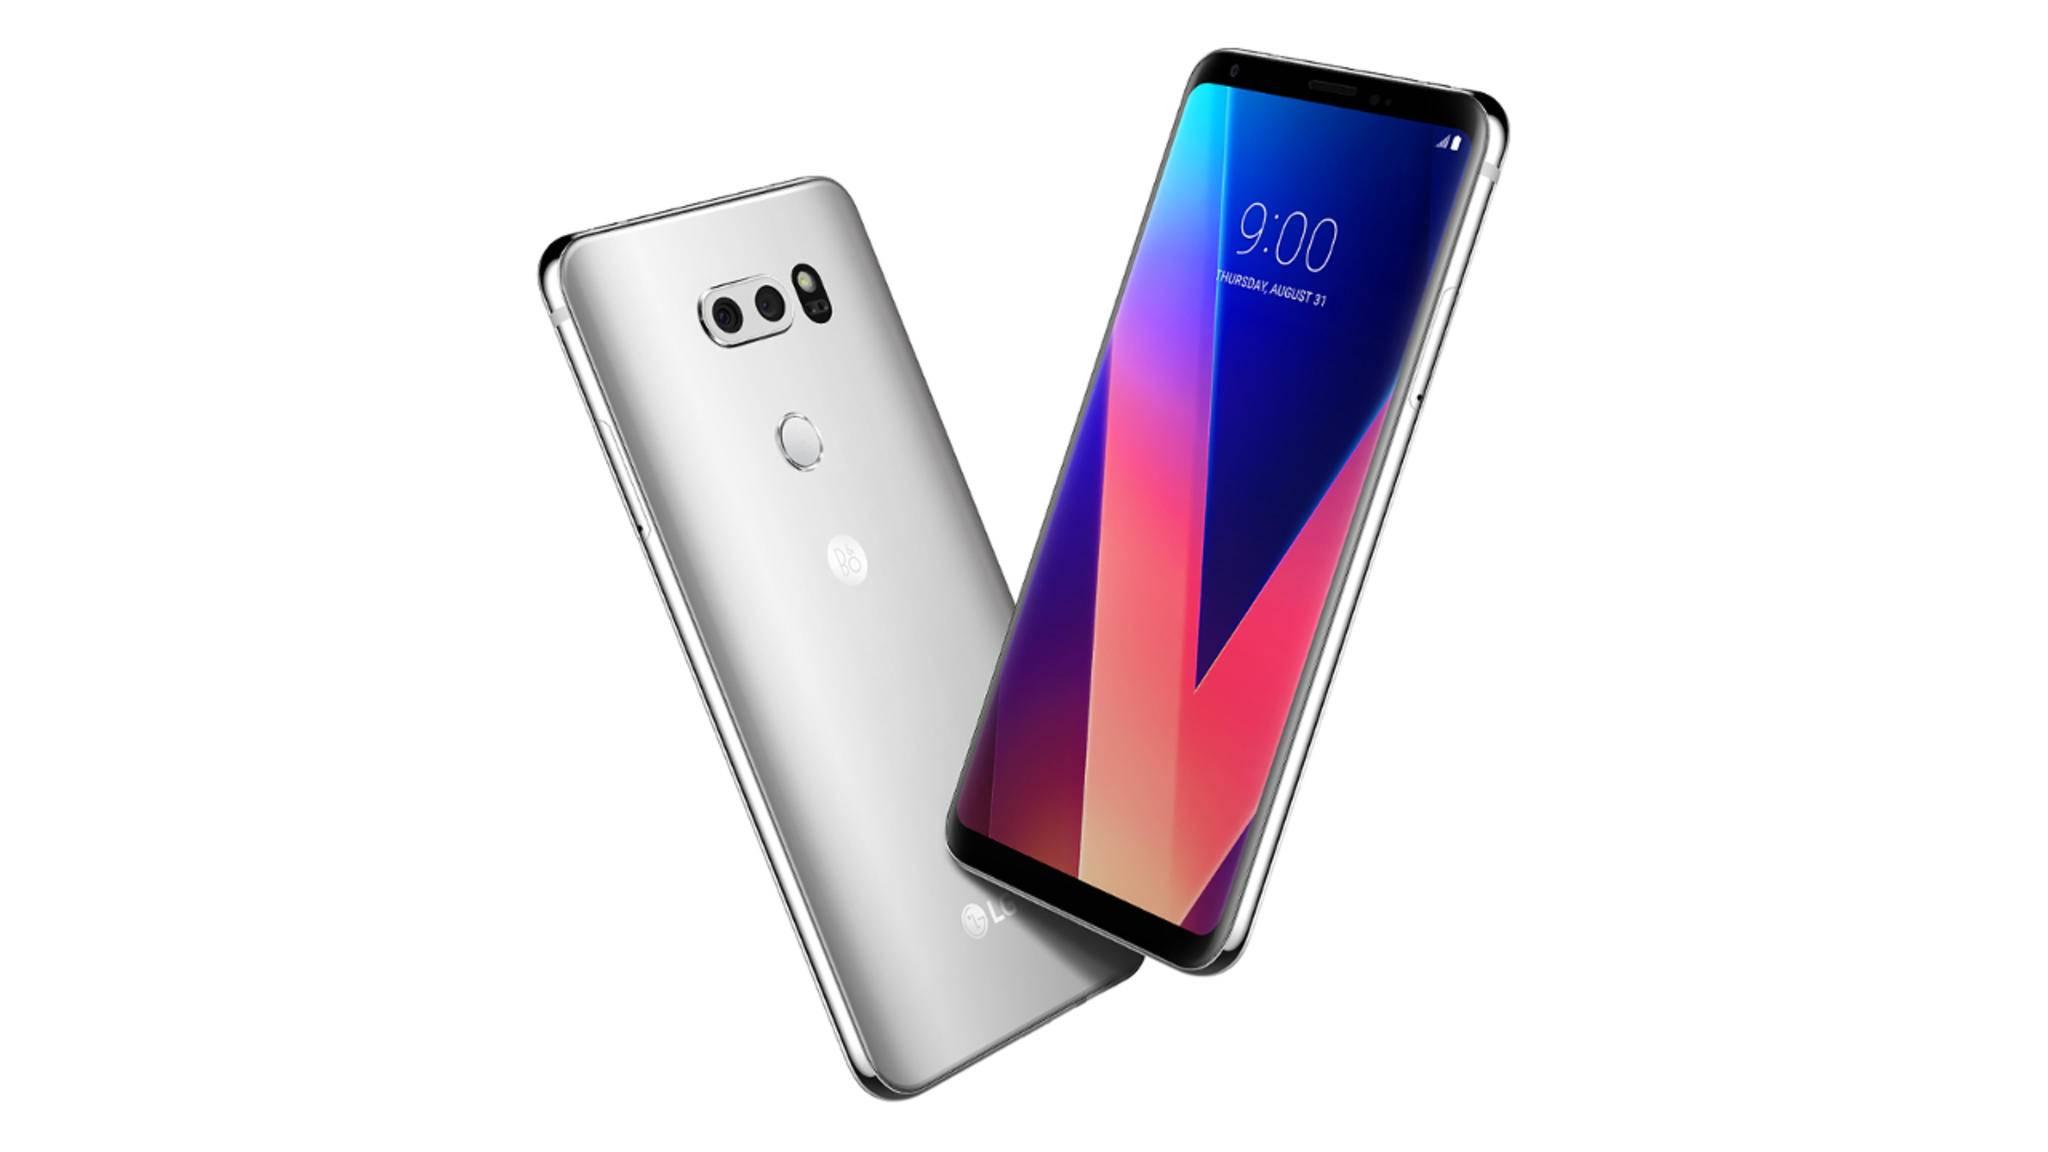 Das LG V30 wurde im Rahmen der IFA 2017 vorgestellt.